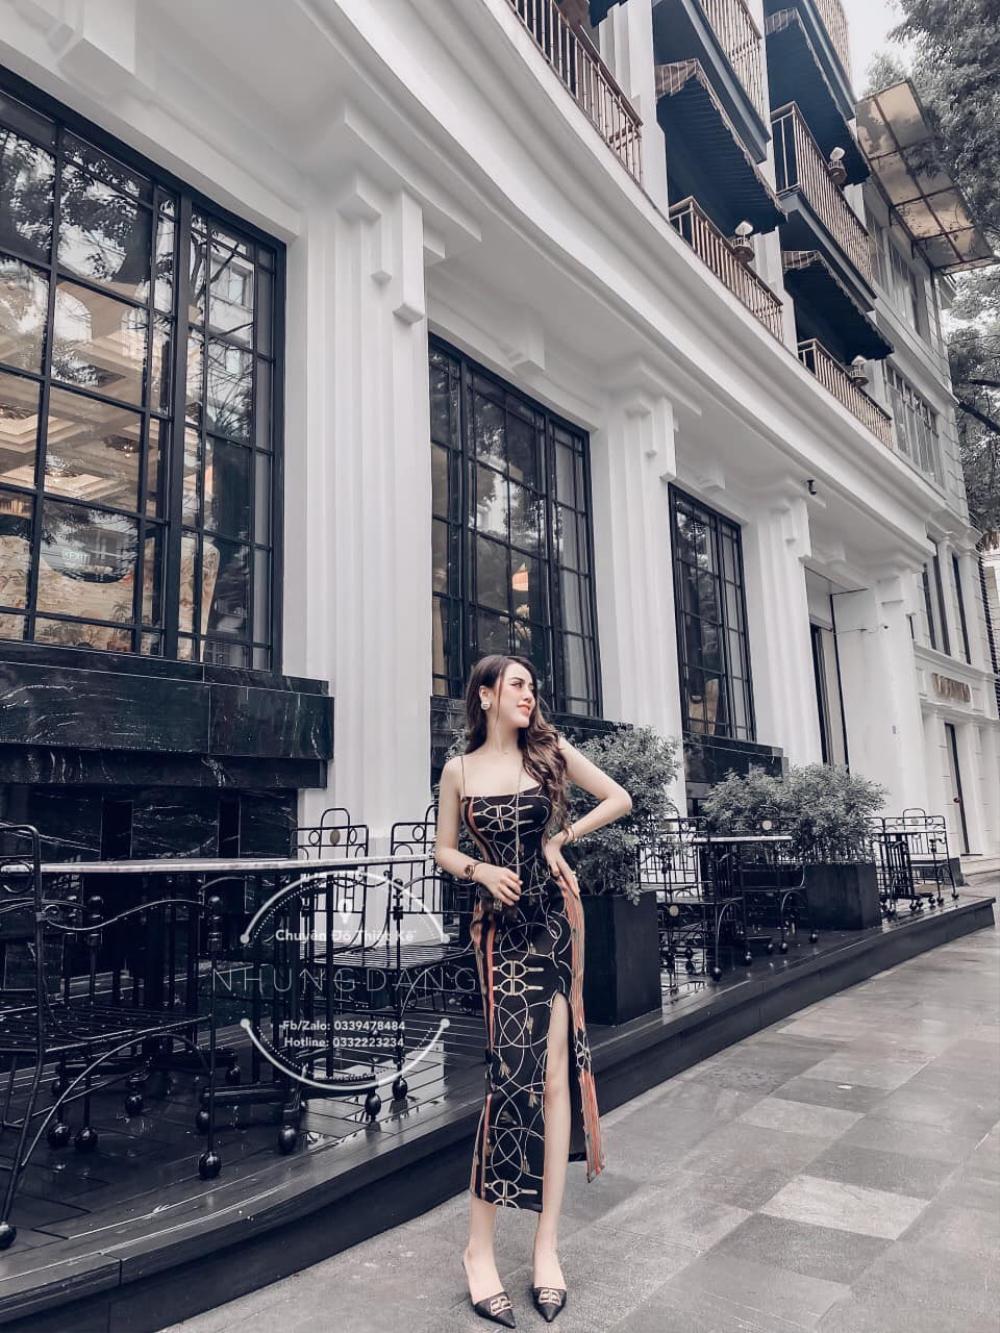 Cơ duyên dẫn lối đến với nghề kinh doanh, thiết kế thời trang của cô chủ 9x Đặng Thị Hồng Nhung Ảnh 3